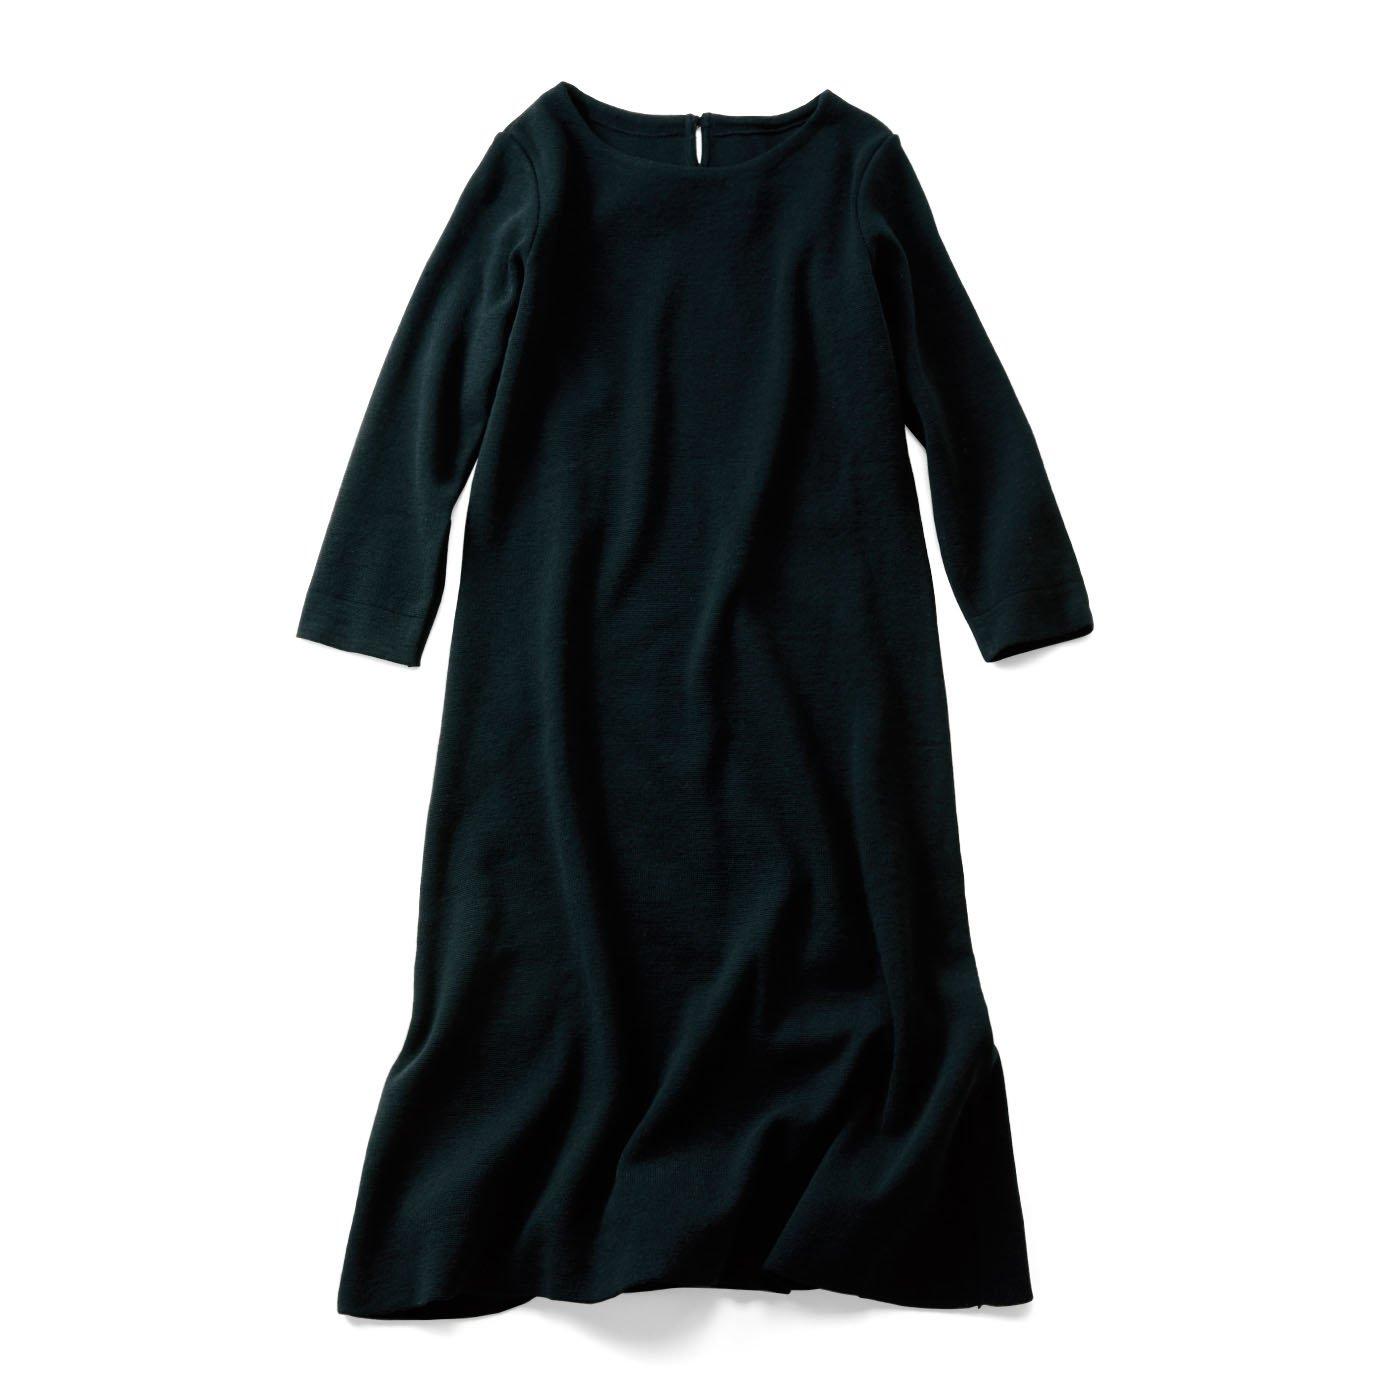 IEDIT 国産で丁寧に仕立てたハーフミラノ編みAラインワンピース〈ブラック〉